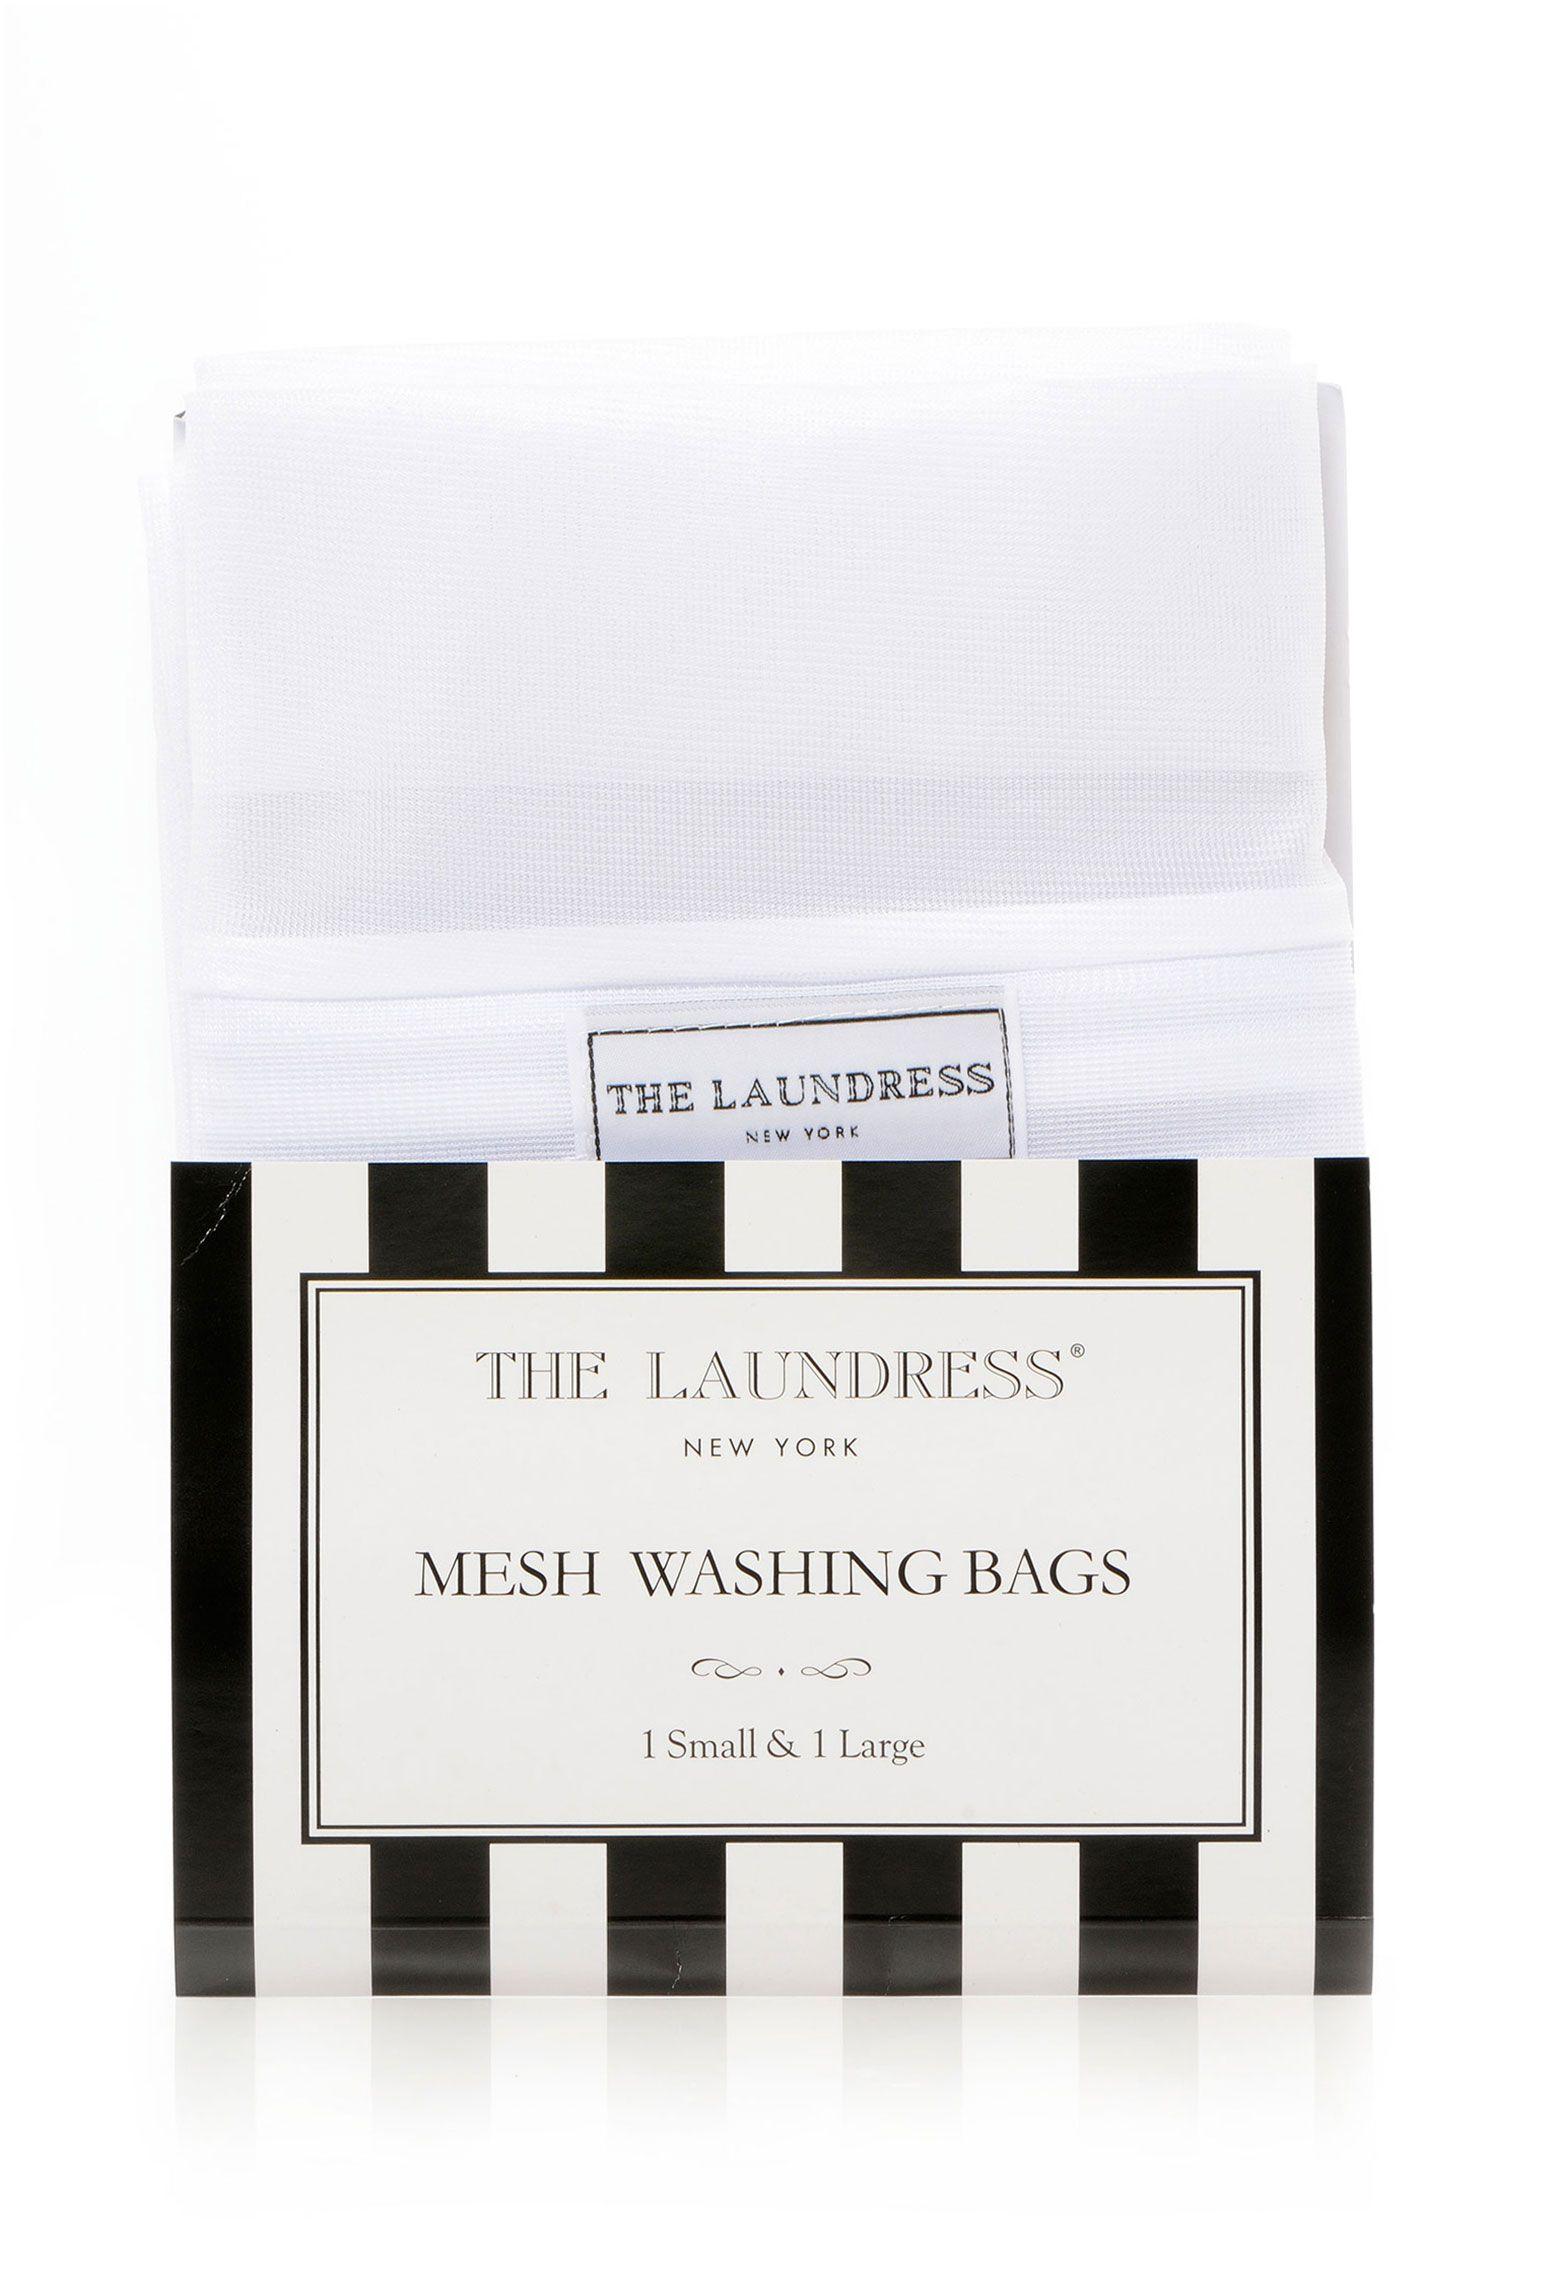 Mesh Bag Bundle Wash Bags Laundress Mesh Bag